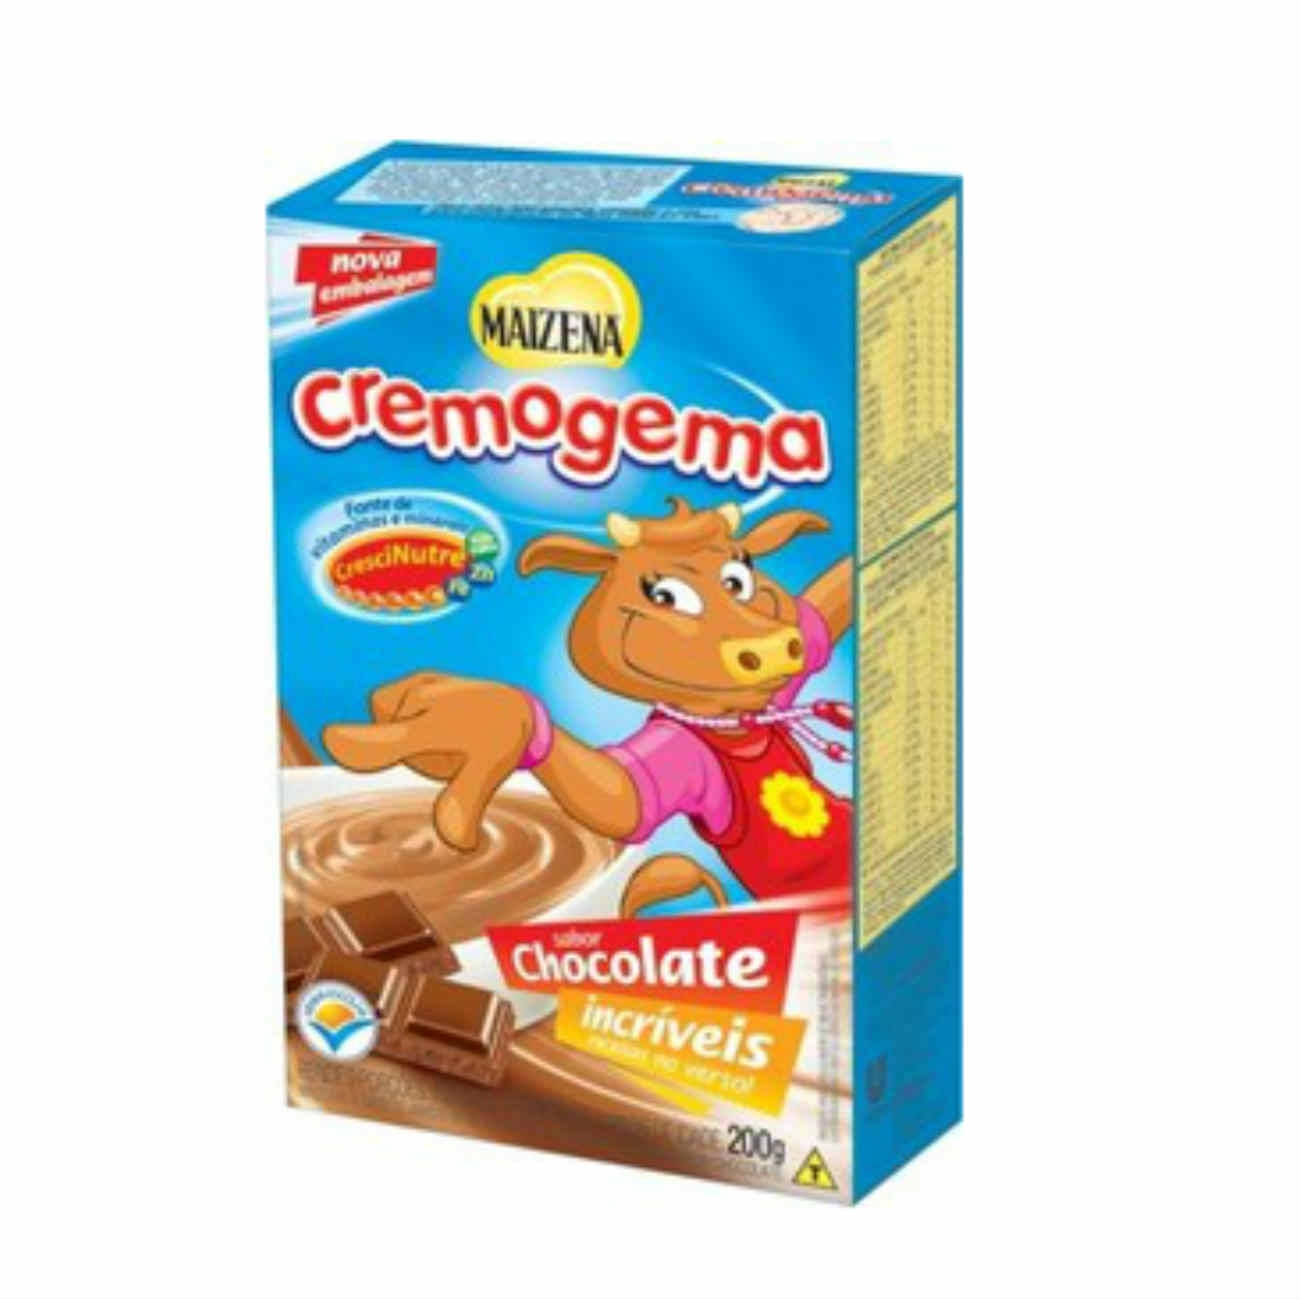 Amido de Milho Maizena Cremogema Chocolate 200g